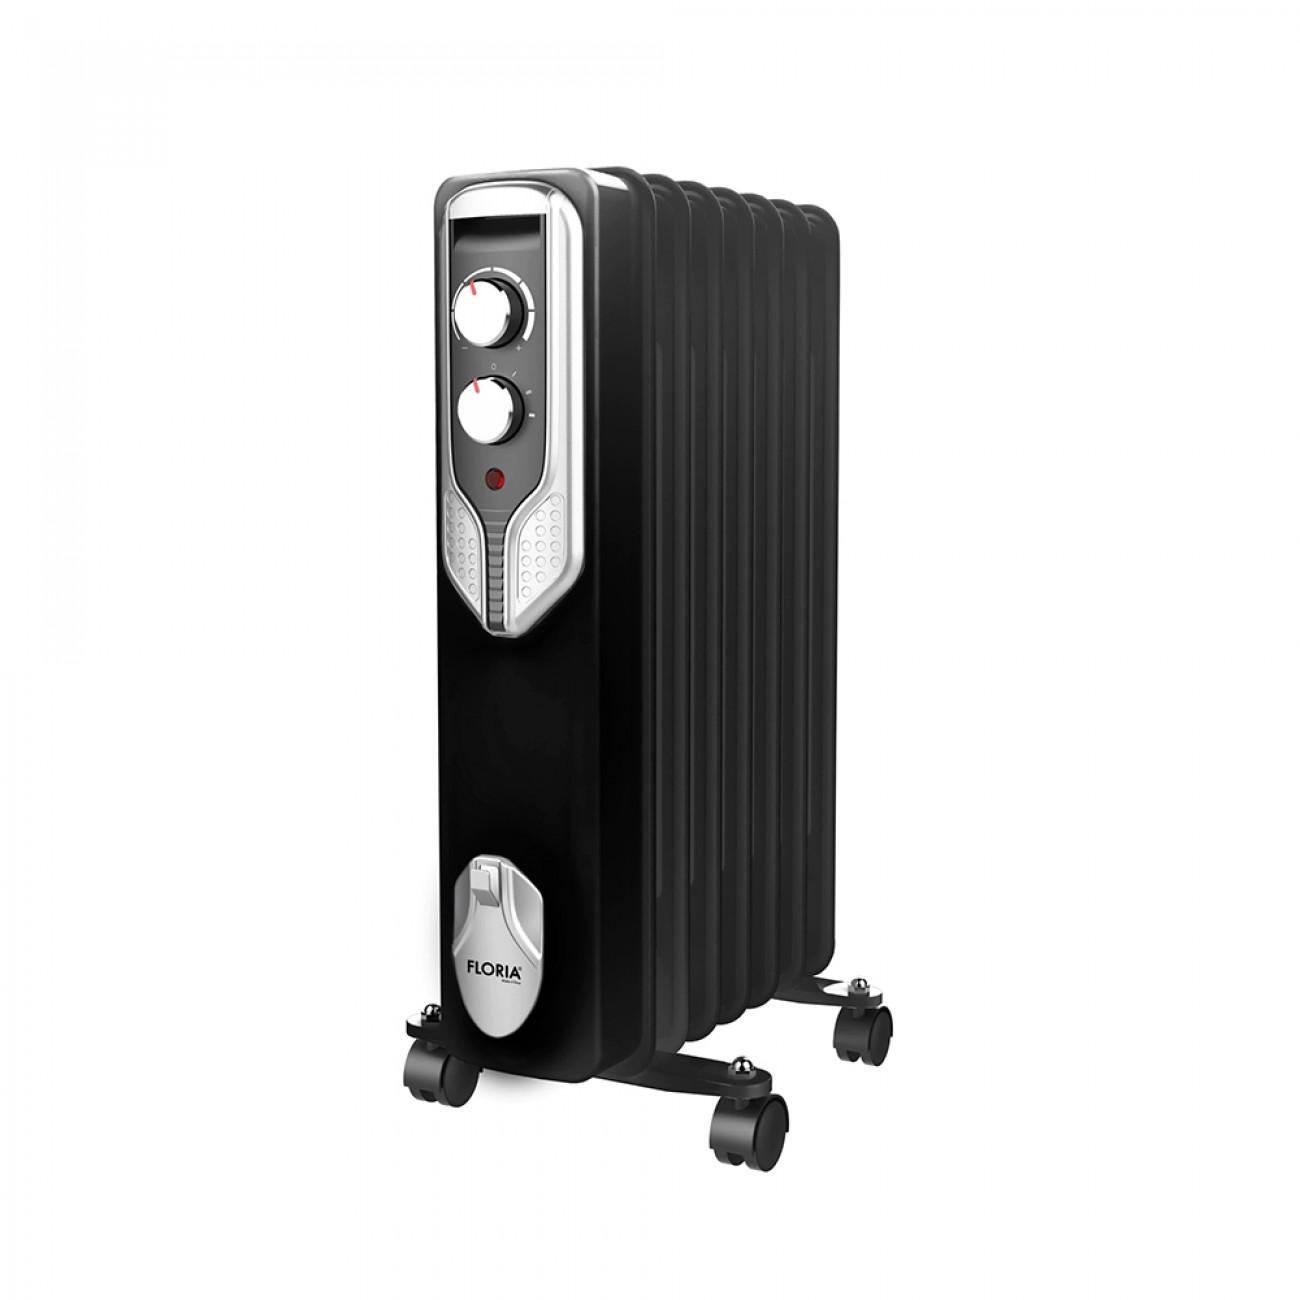 Маслен радиатор Floria ZLN-3642, 1500W, 7 ребра, Регулируем термостат, Черен в Маслени радиатори - Floria | Alleop